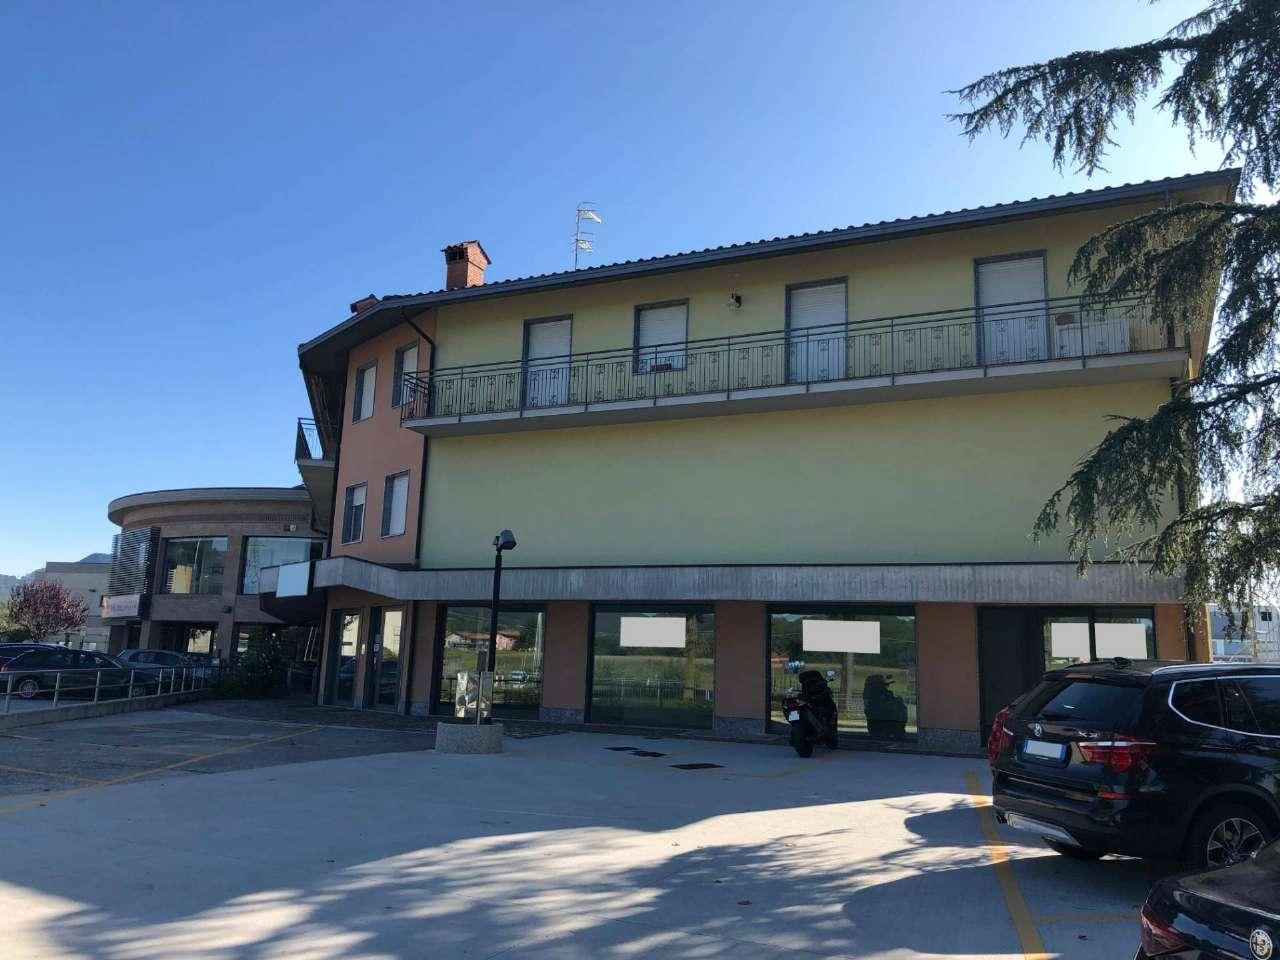 Negozio / Locale in affitto a Almenno San Bartolomeo, 2 locali, prezzo € 1.000   CambioCasa.it